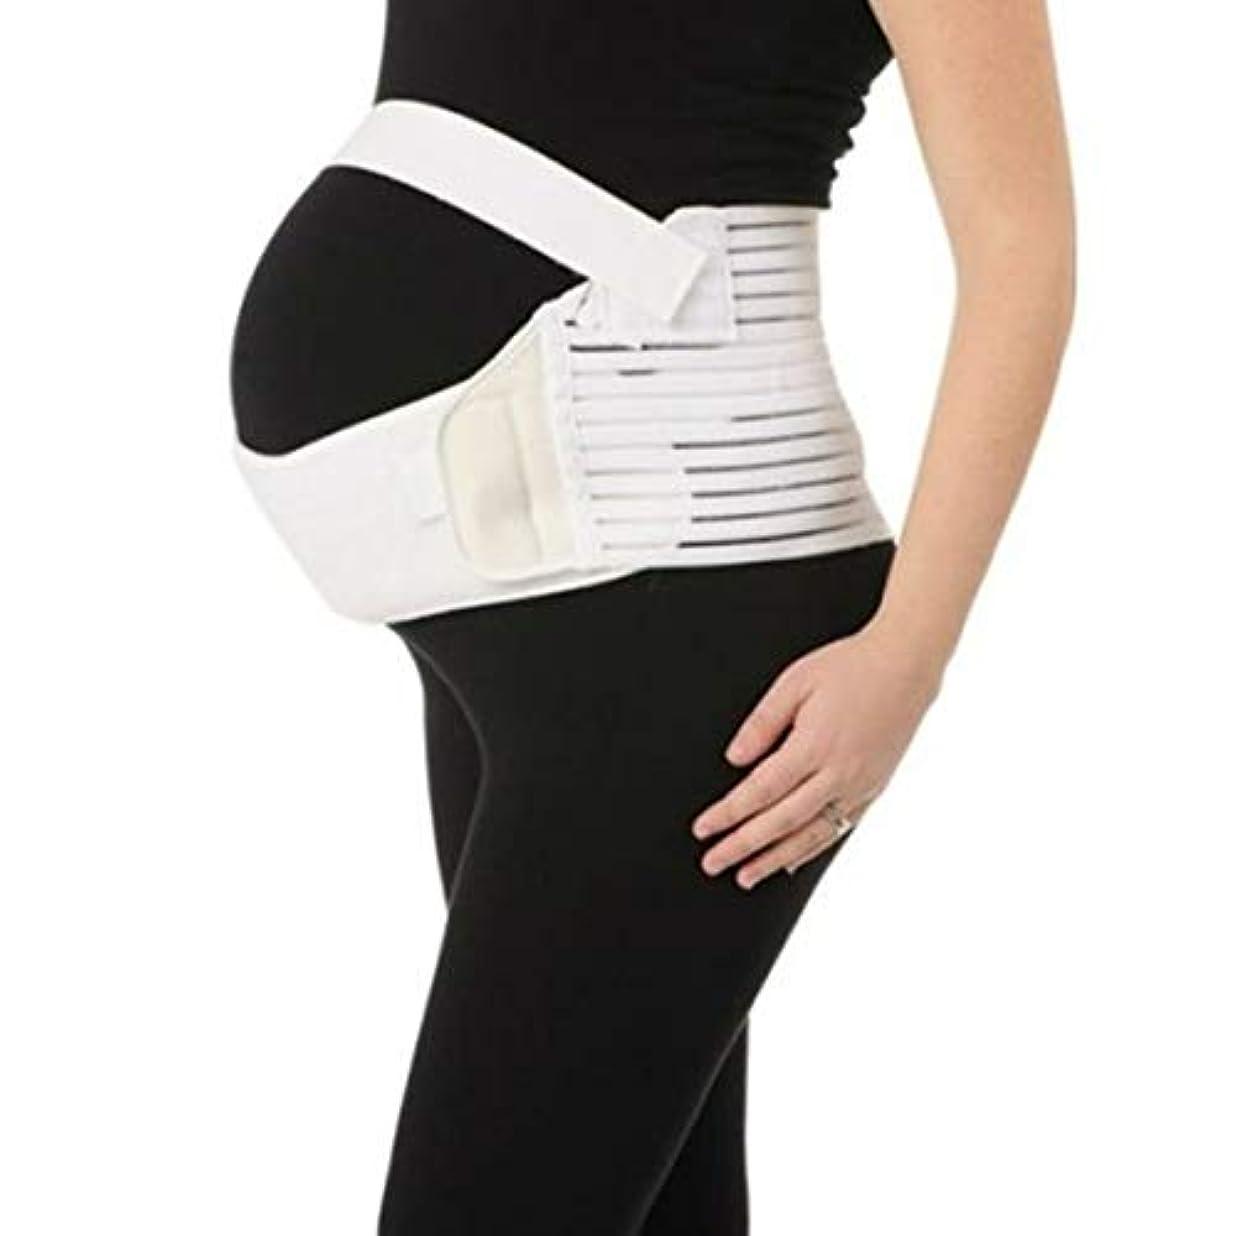 子孫朝食を食べるトランクライブラリ通気性マタニティベルト妊娠腹部サポート腹部バインダーガードル運動包帯産後の回復shapewear - ホワイトL